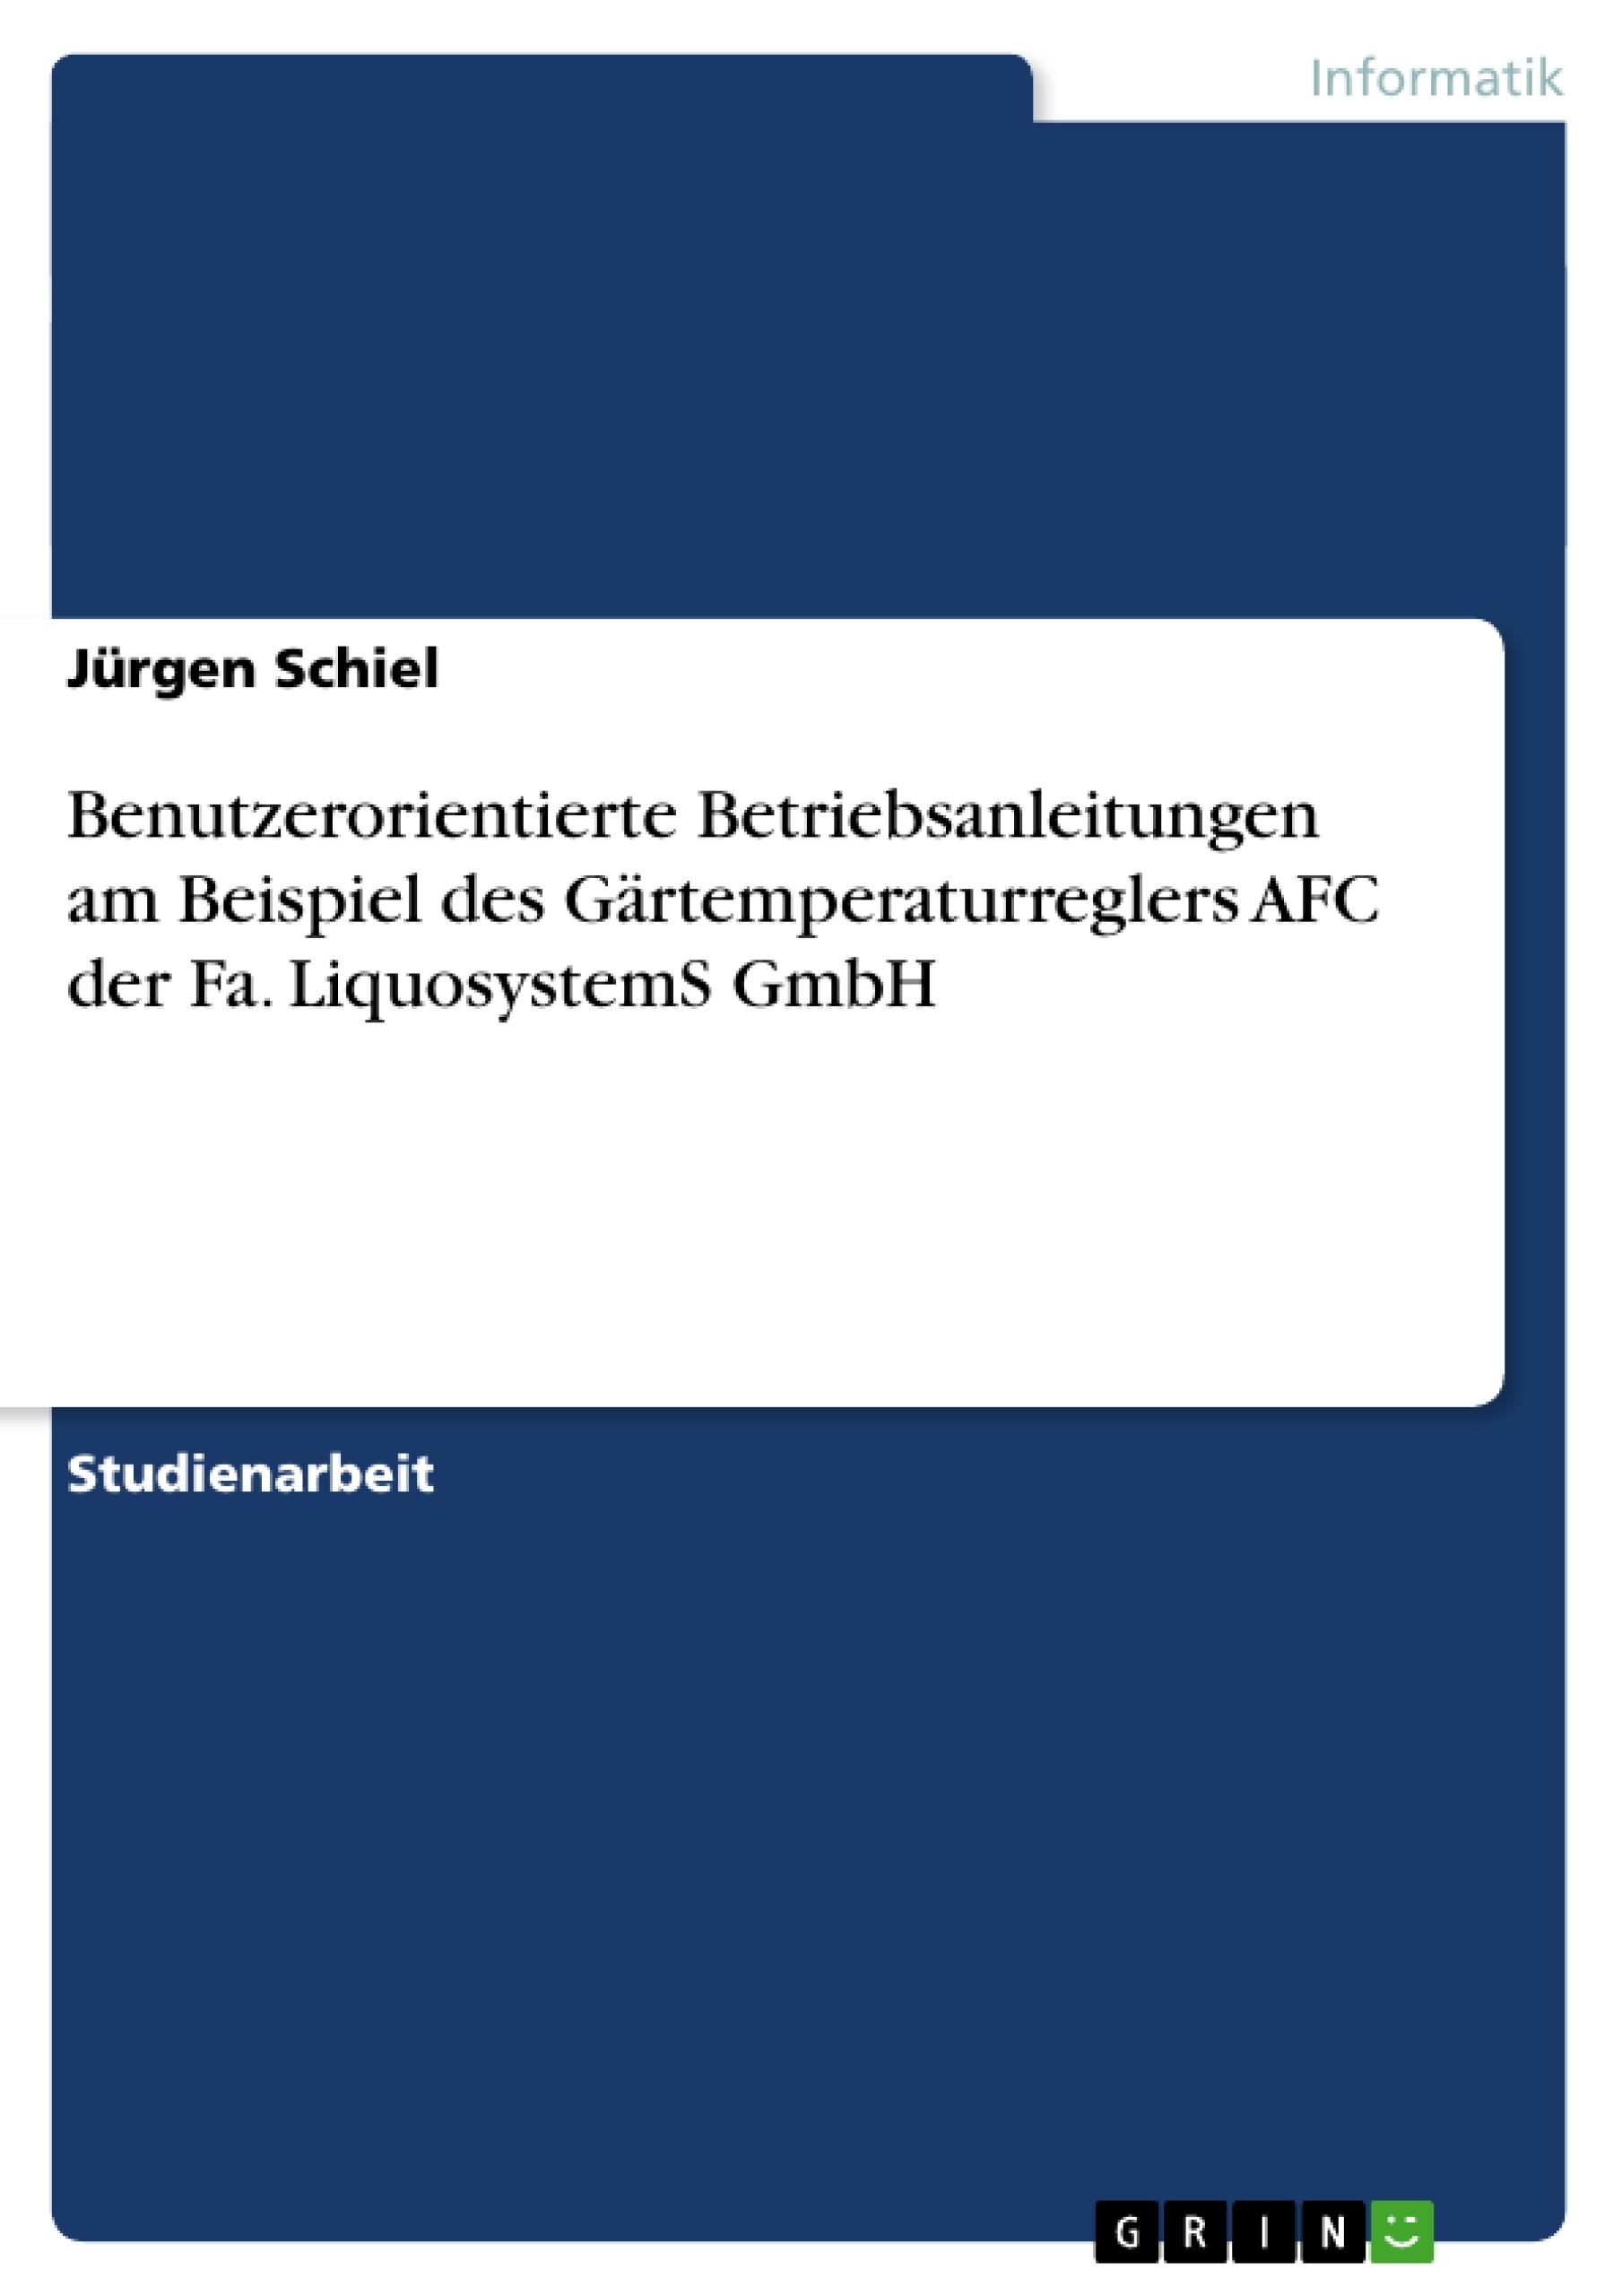 Titel: Benutzerorientierte Betriebsanleitungen am Beispiel des Gärtemperaturreglers AFC der Fa. LiquosystemS GmbH